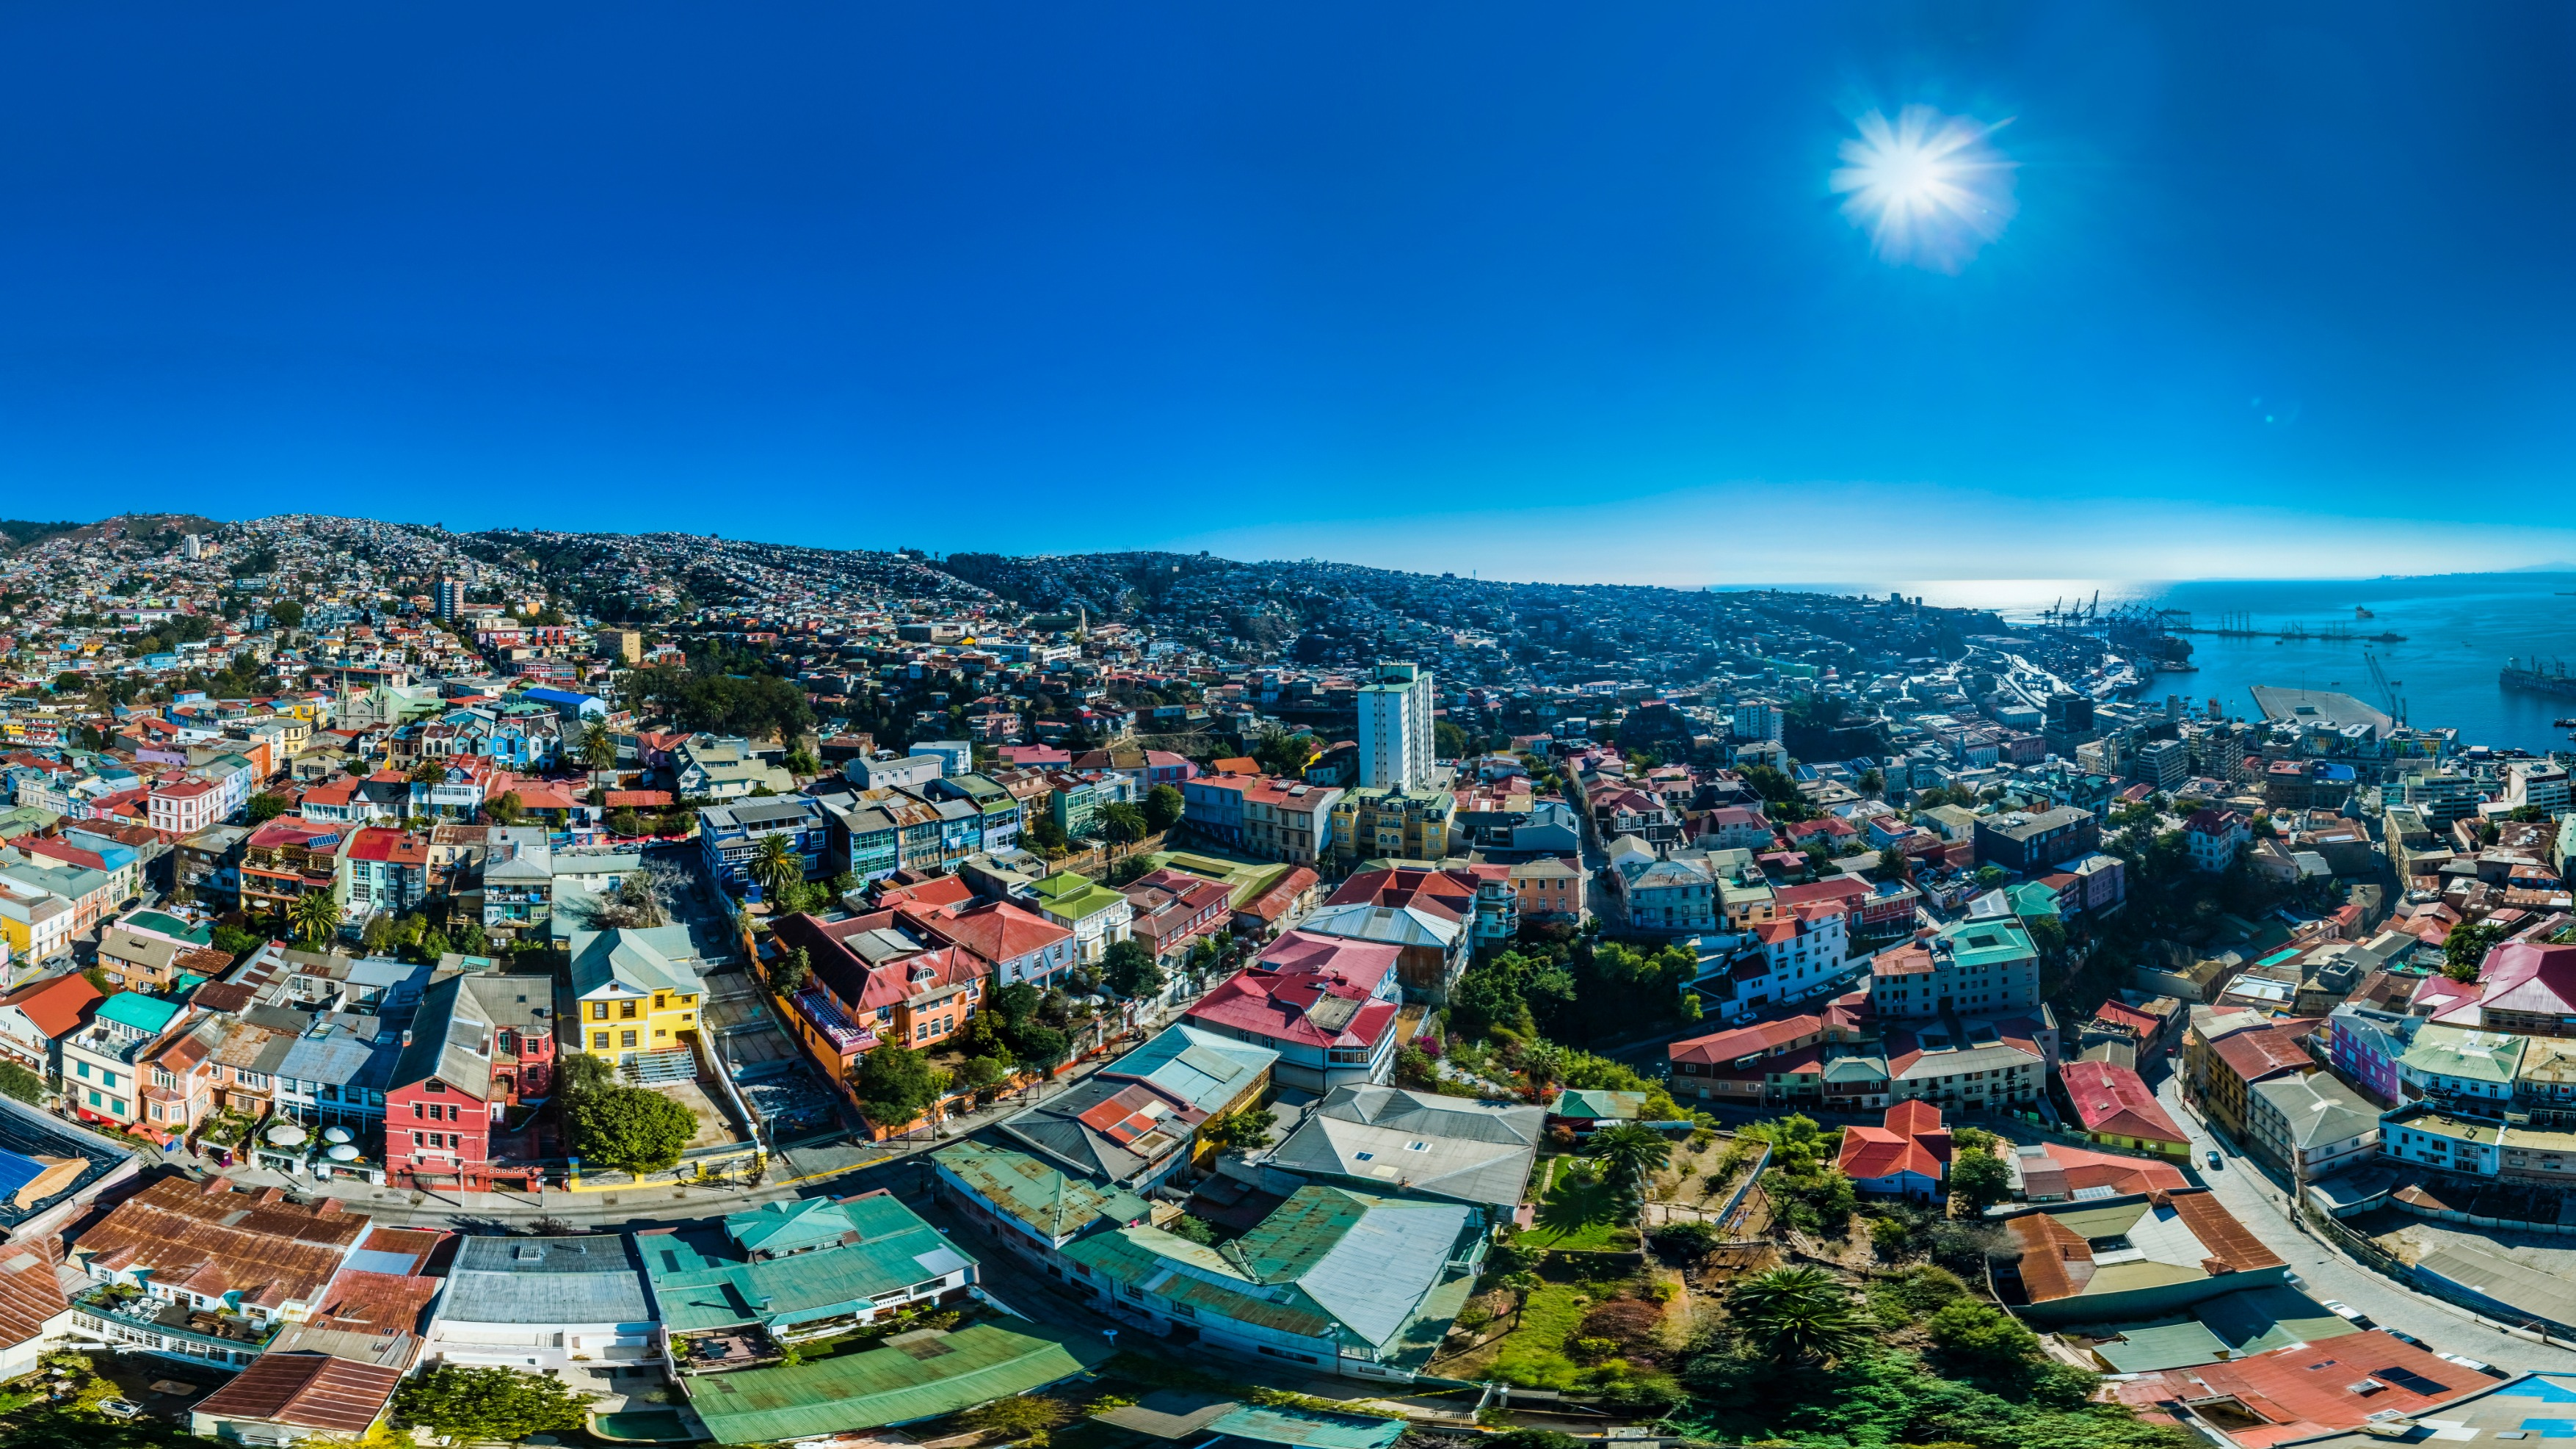 Cerros de Valparaíso